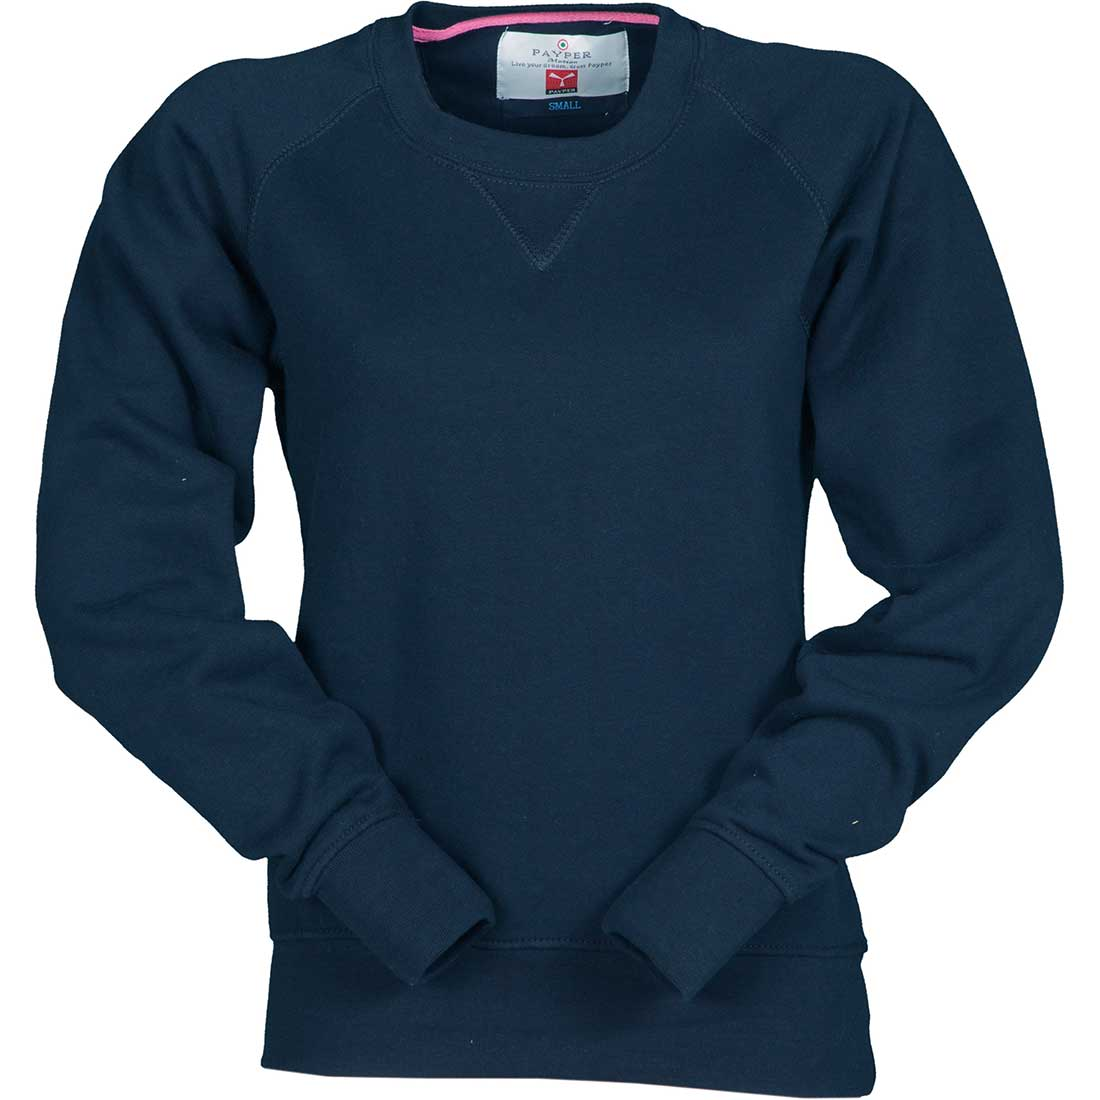 Ανδρικό φούτερ με λαιμόκοψη σε διάφορα χρώματα - PoliSafety 523c6fe6fc0